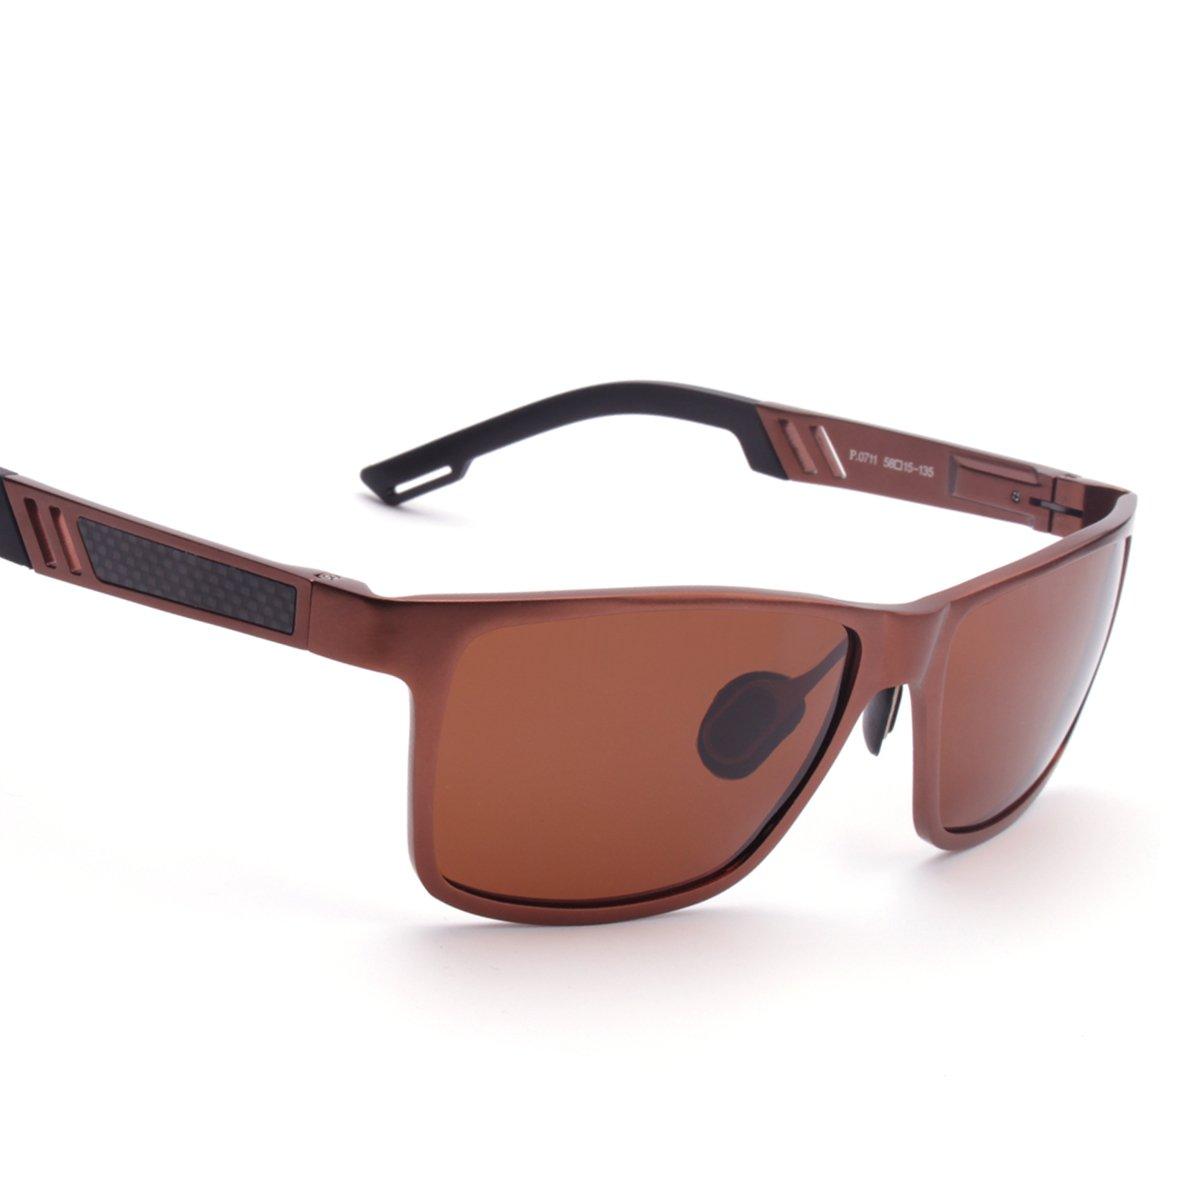 ELITERA in alluminio magnesio uomini polarizzati degli occhiali da sole per gli sport di guida di viaggio E6560